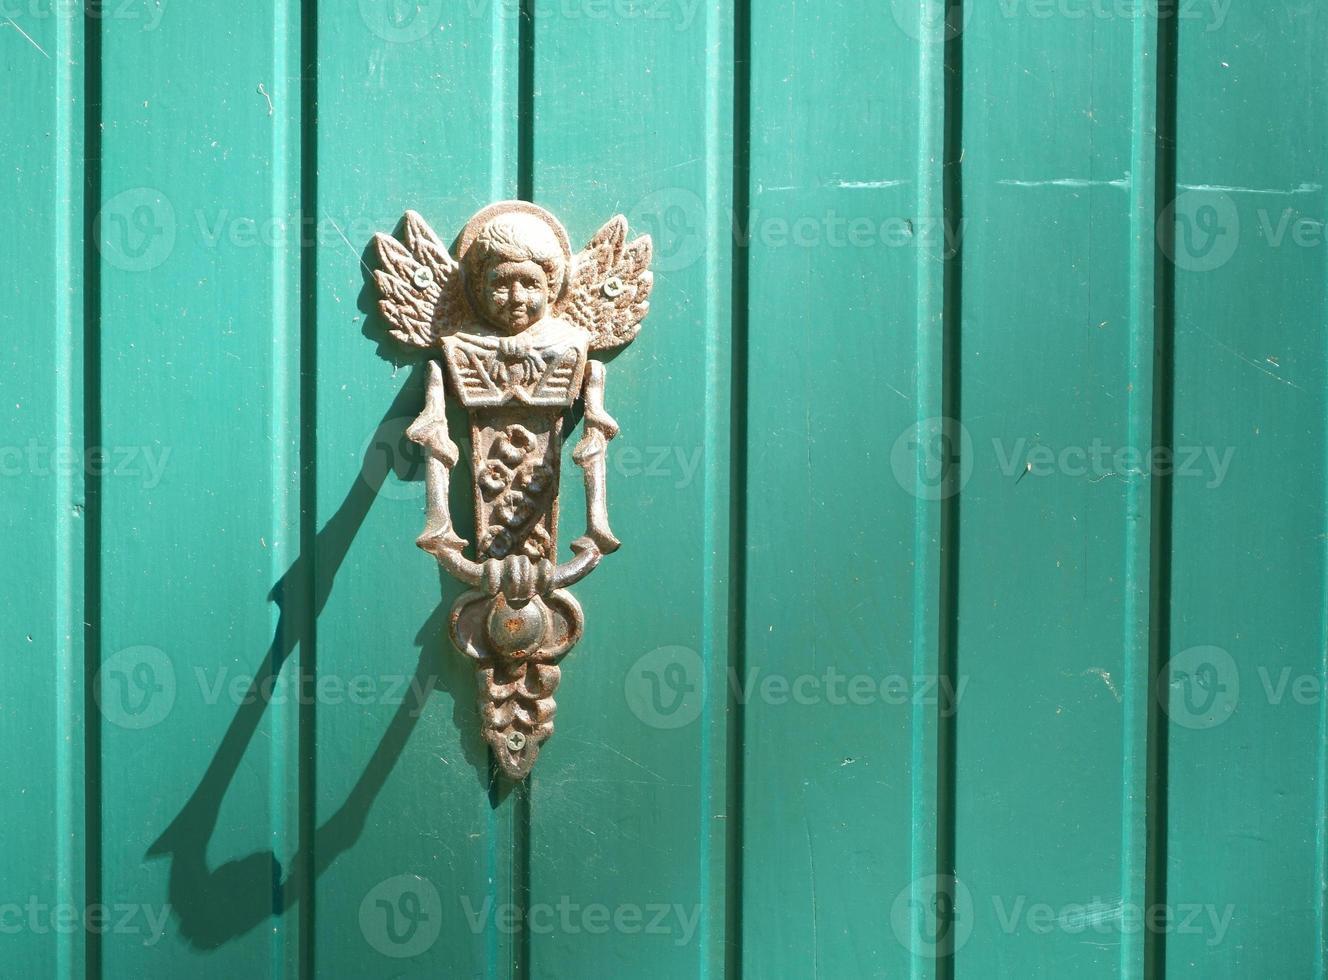 ángel aldaba a la puerta del cielo con su sombra foto